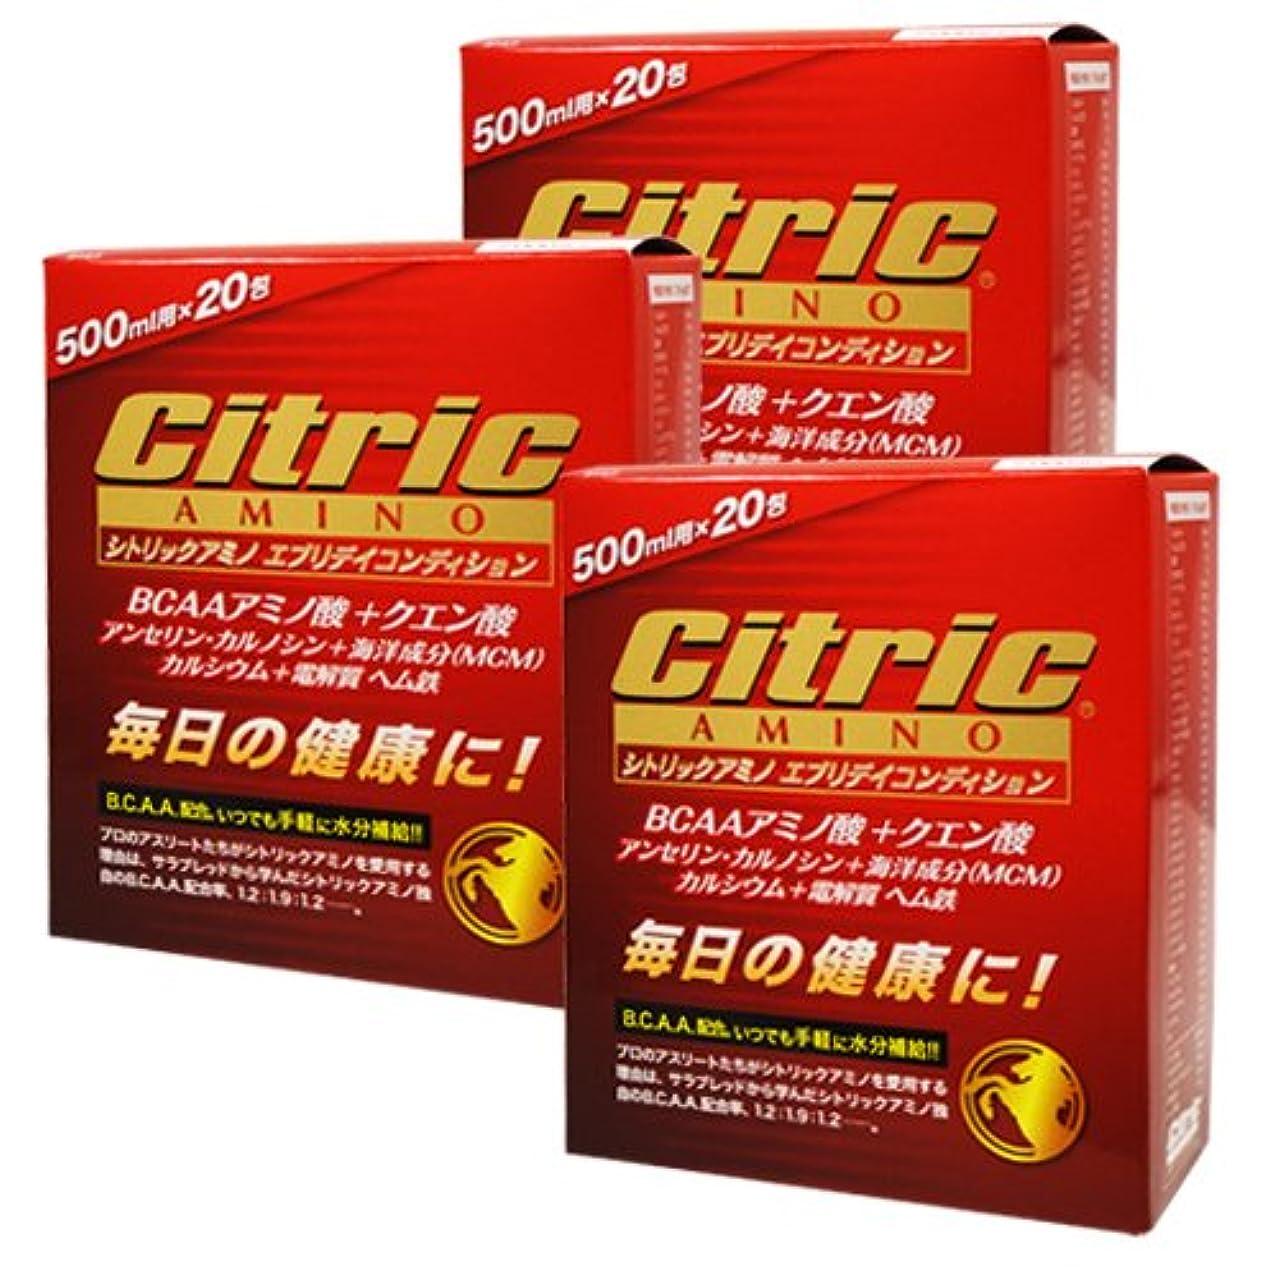 頭痛アスレチック撤退シトリックアミノ エブリデイコンディション 120g(6g×20包)×3箱